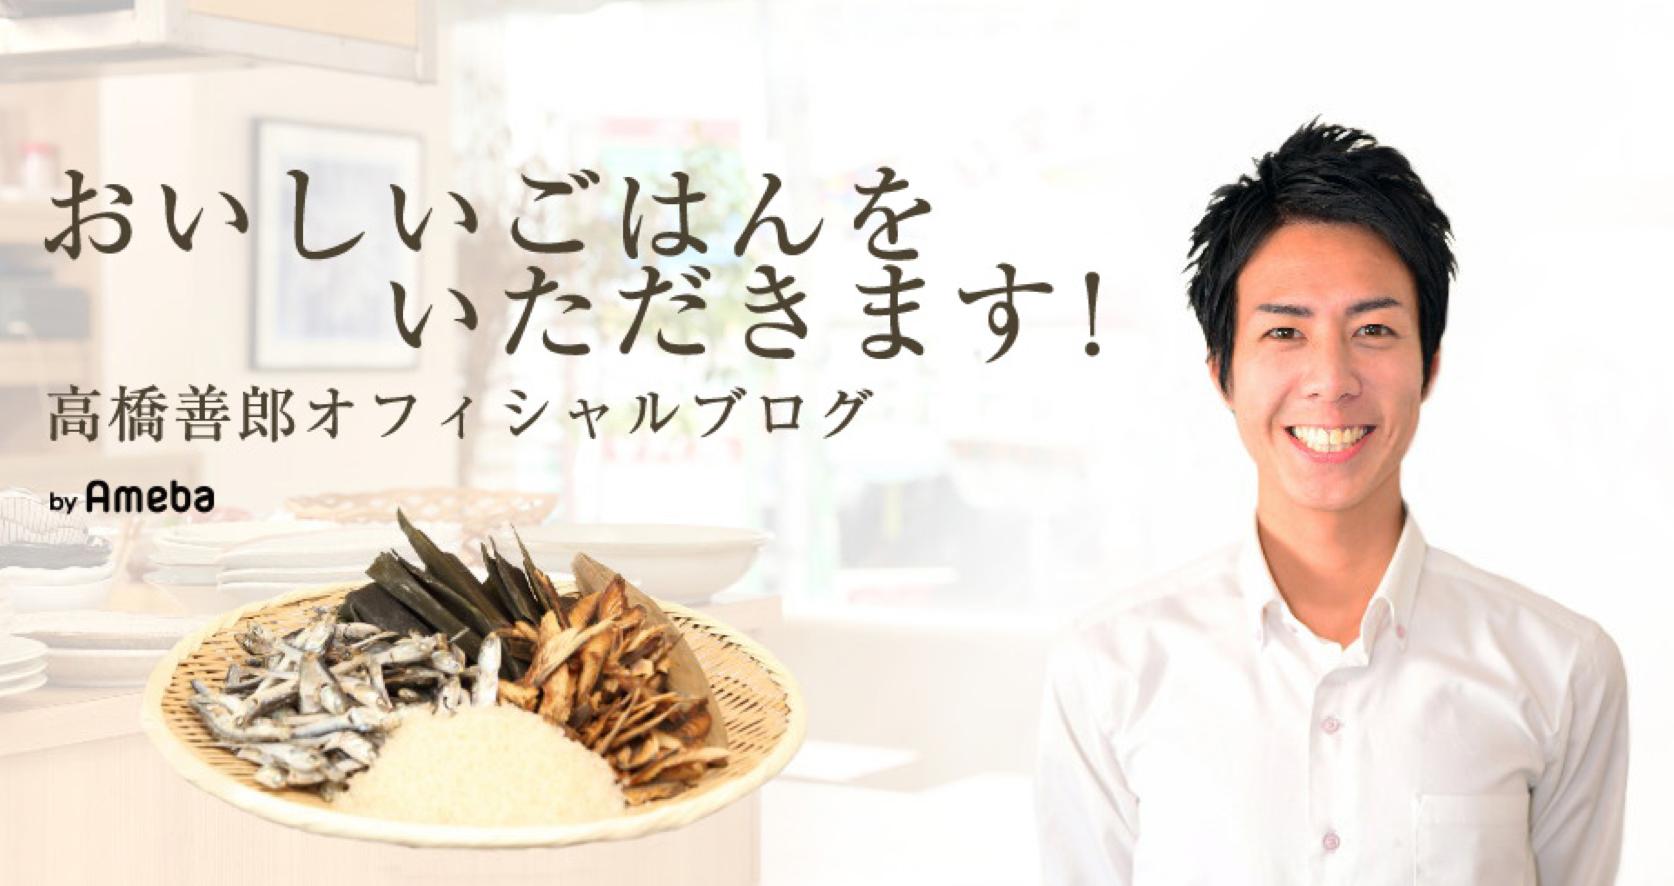 【掲載】Amebaオフィシャルブログ化のお知らせ